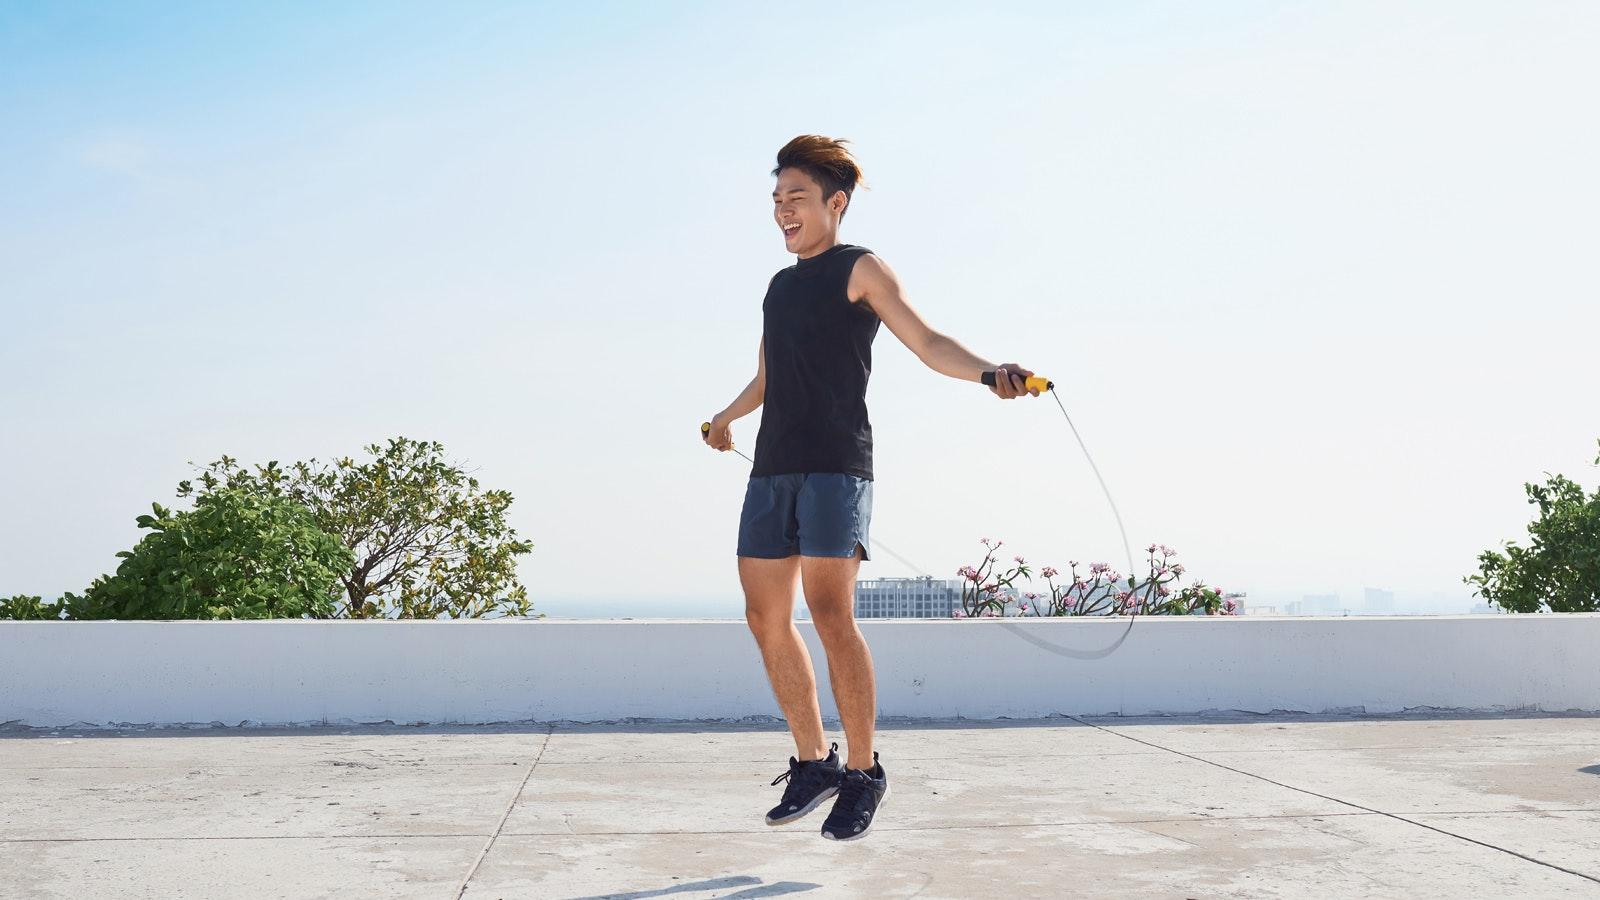 tác dụng của nhảy dây đối với nam giới-2